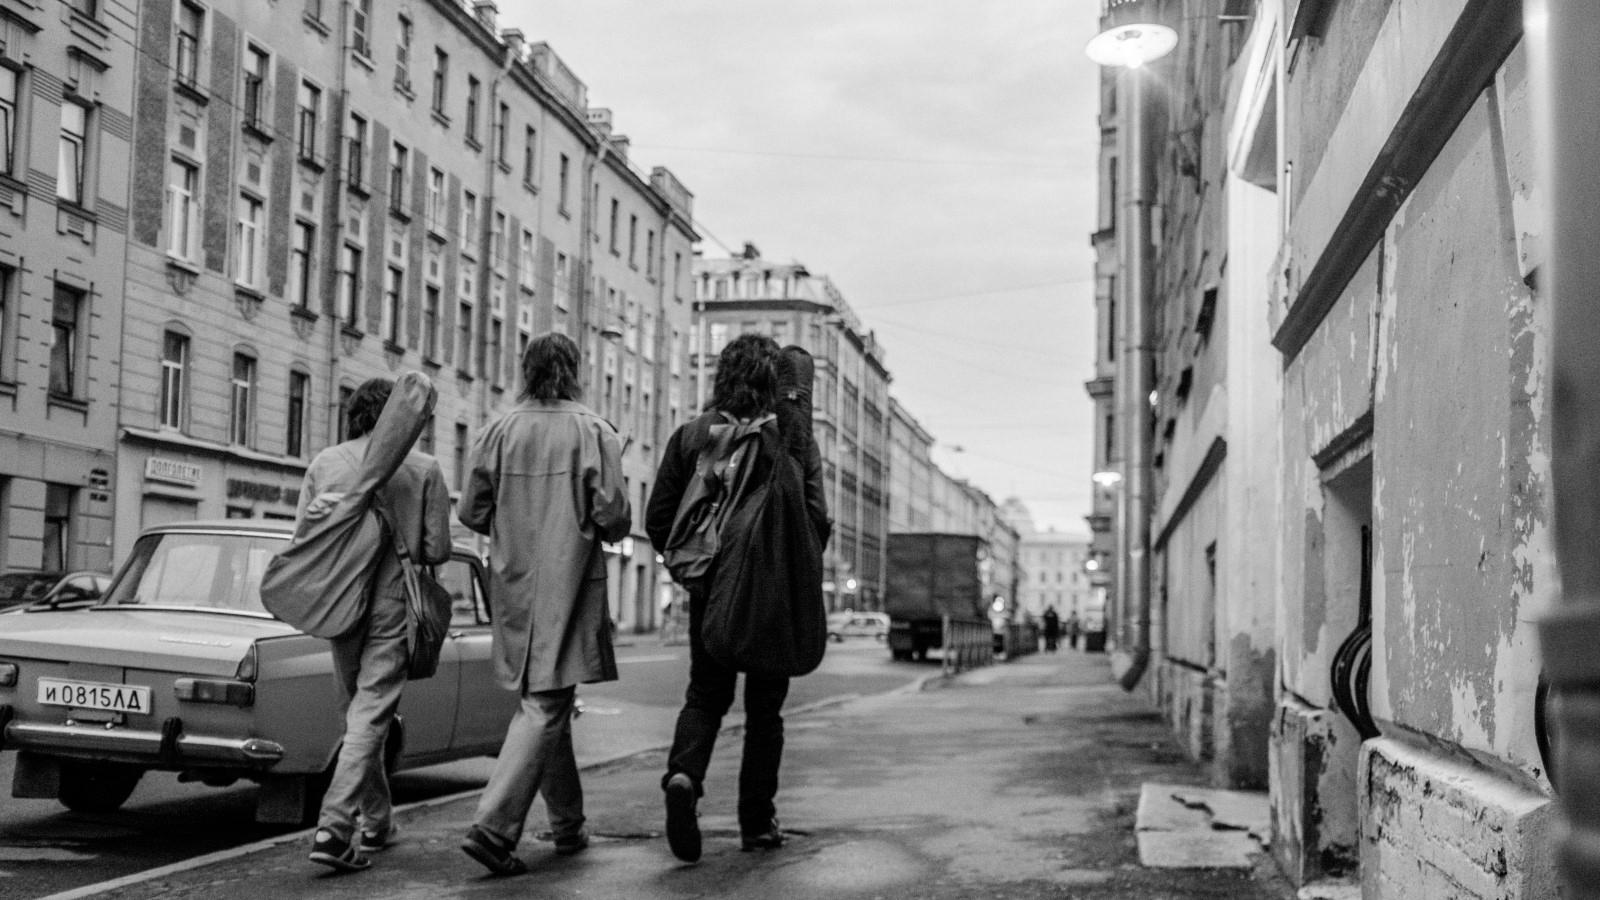 Zu sehen ist das Moskau der achtziger Jahre. Drei junge Männer gehen eine Straße entlang. Zwei von ihnen haben eine Gitarre auf dem Rücken hängen.